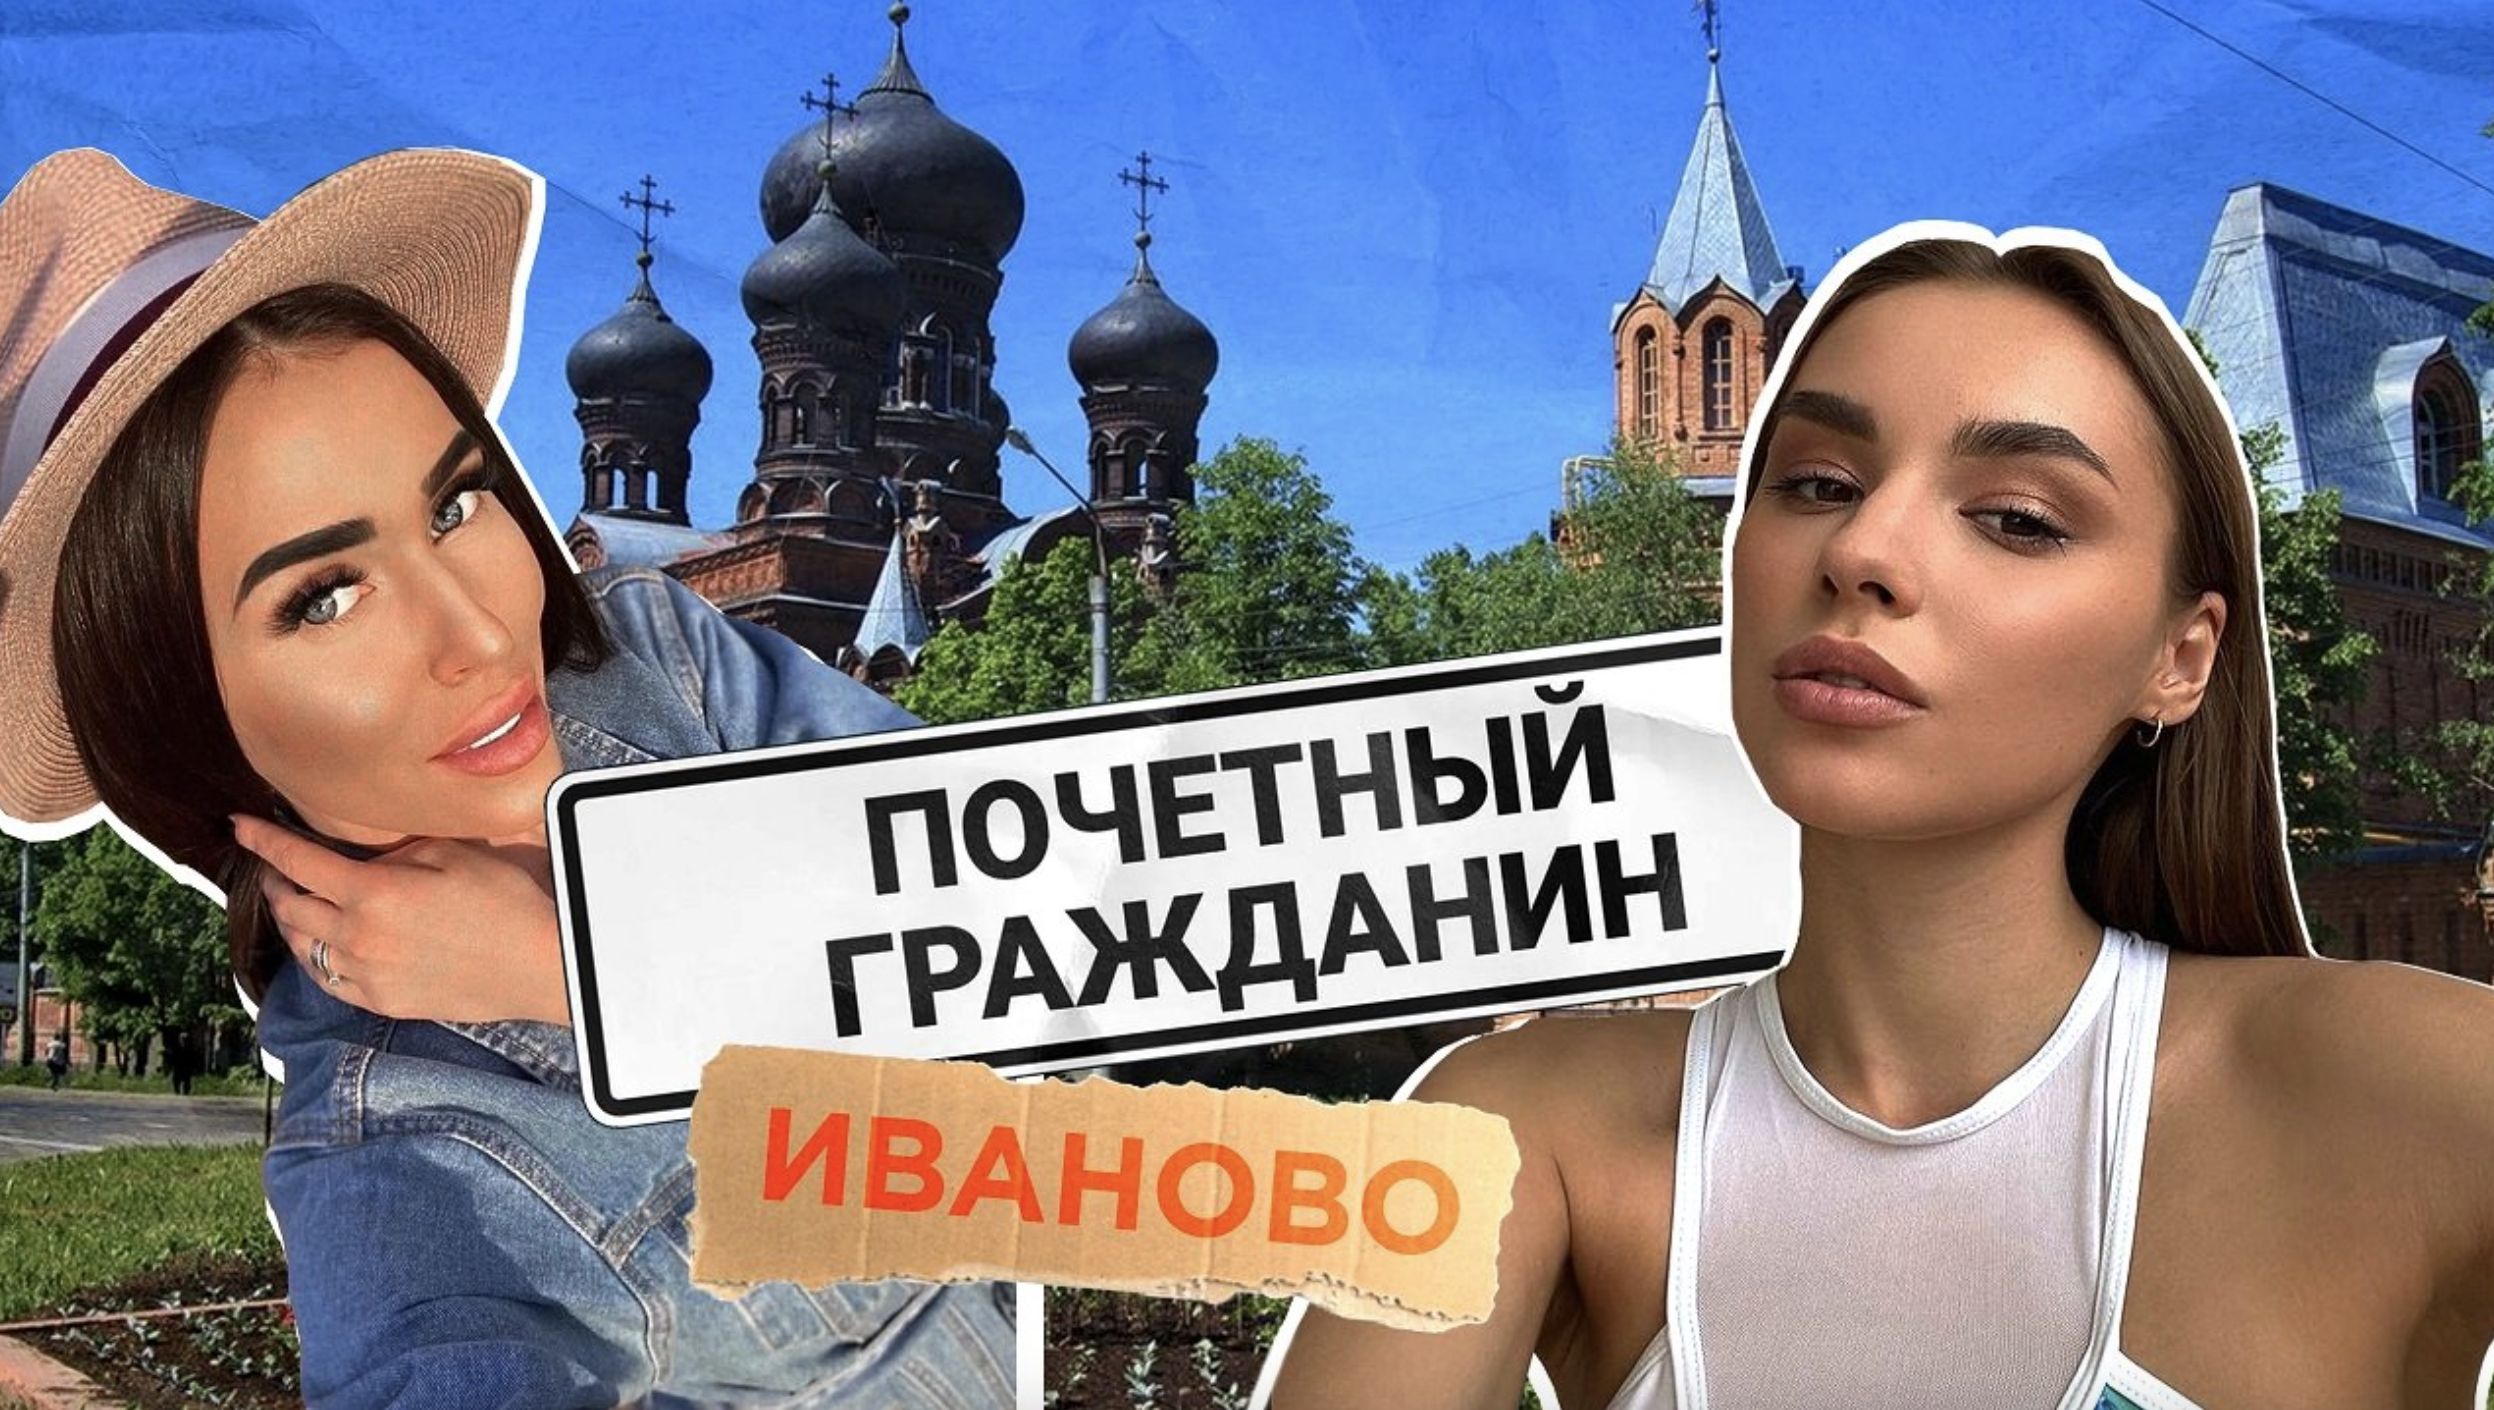 Почетный гражданин | Выпуск 3 | Иваново промобаннер